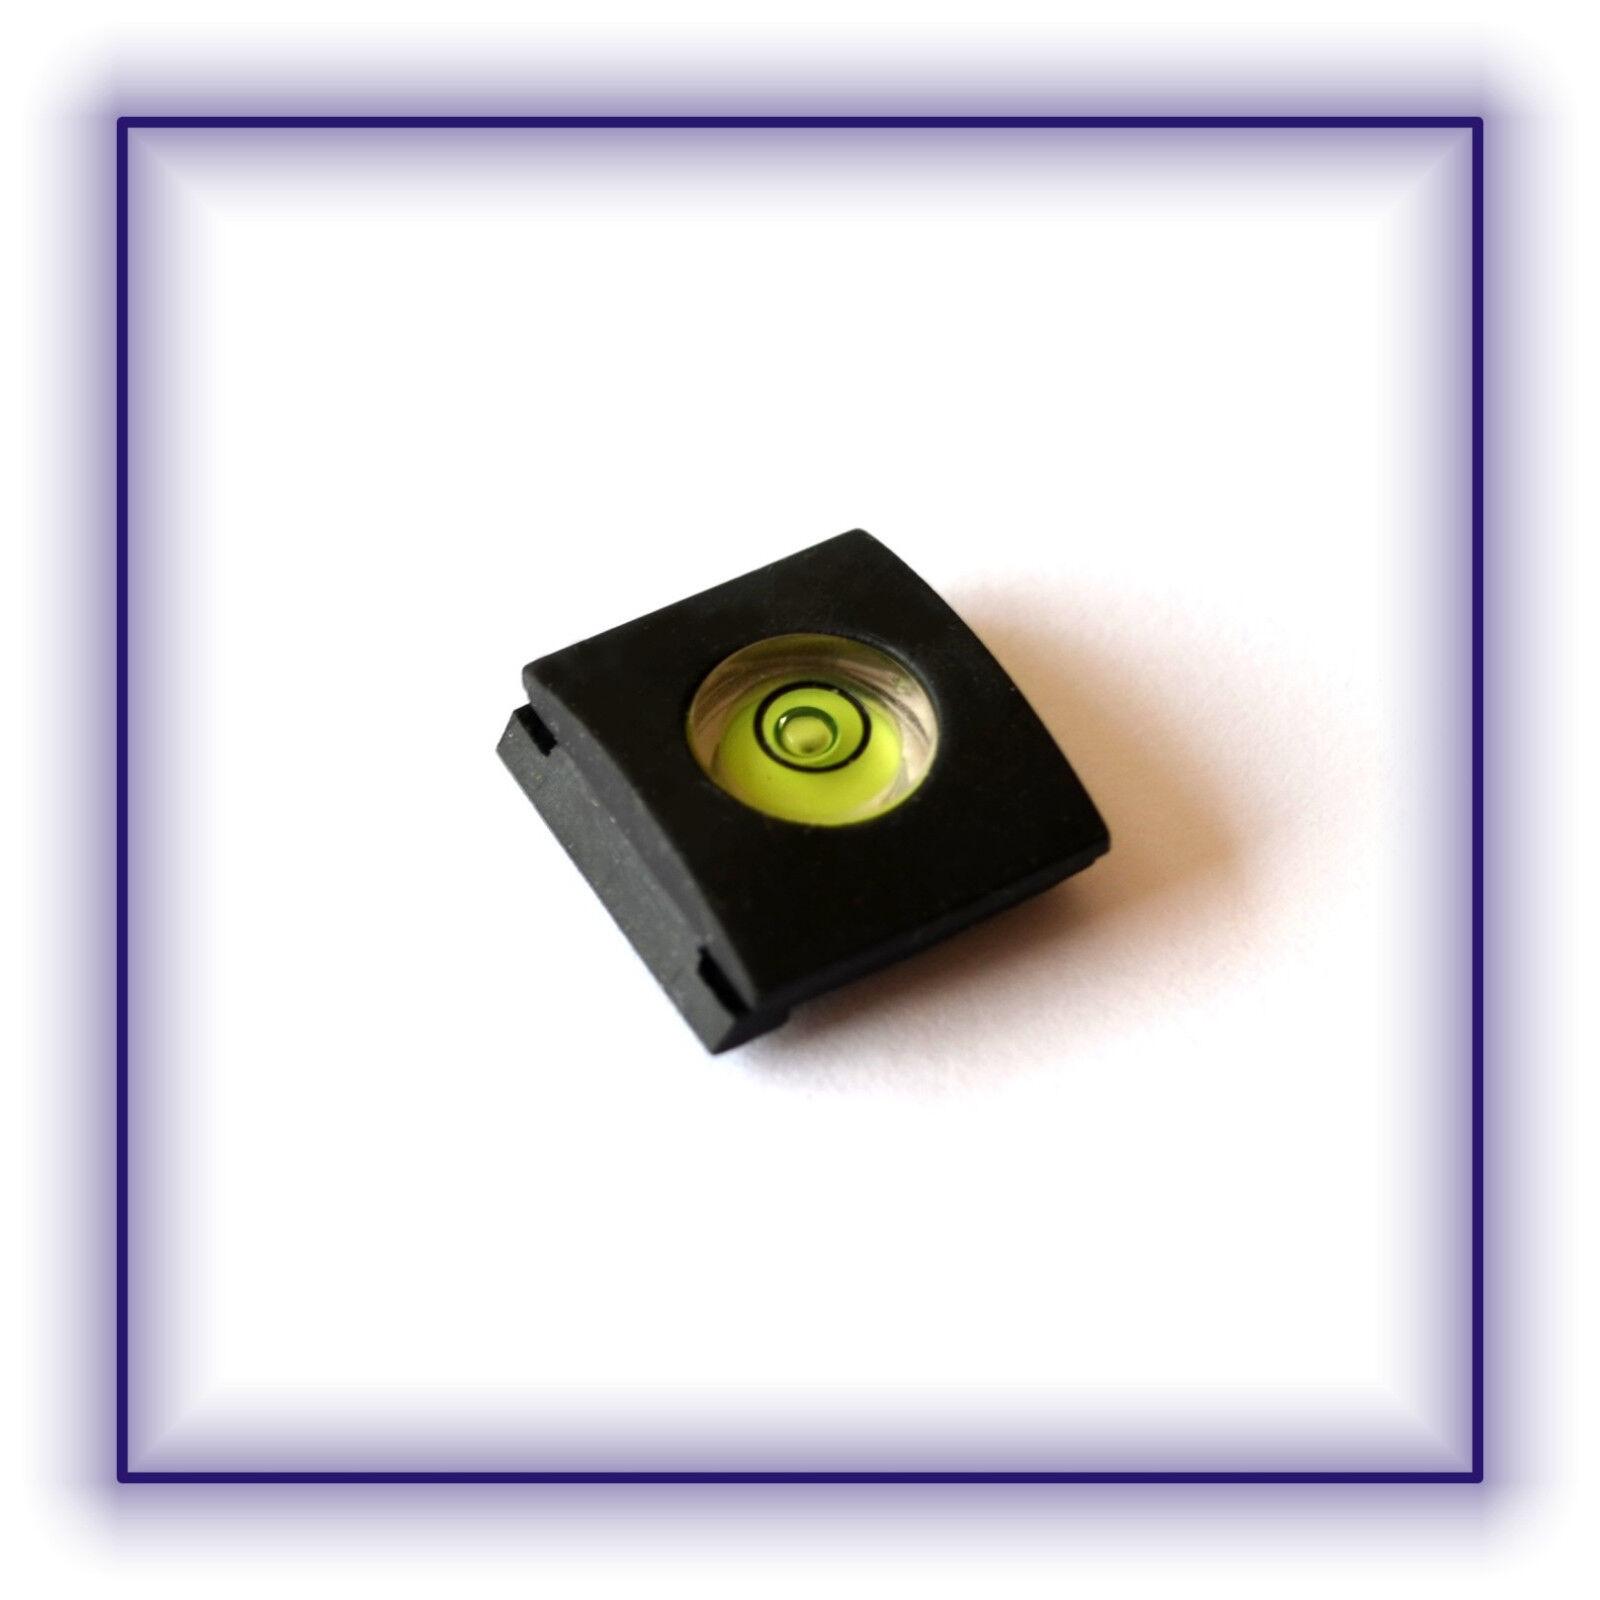 Wasserwaage Libelle Kamera Blitzschuh-Abdeckung Neu